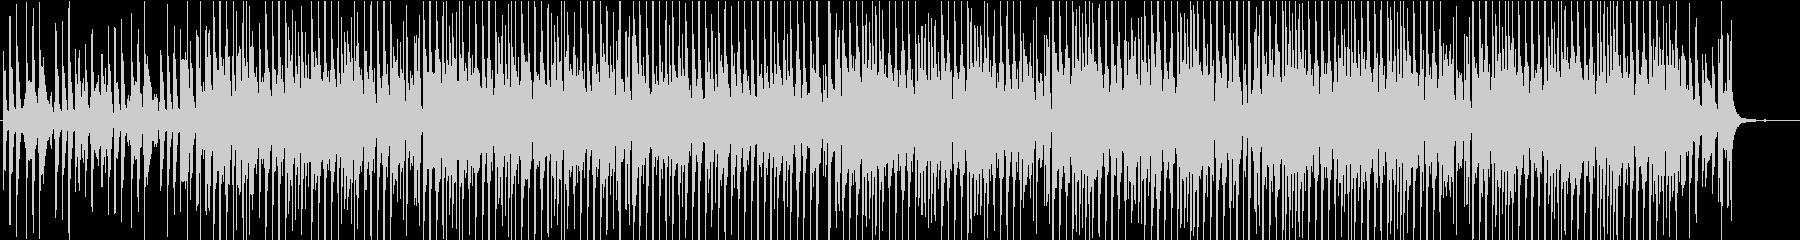 オシャレで明るく楽しいハウス系BGMの未再生の波形